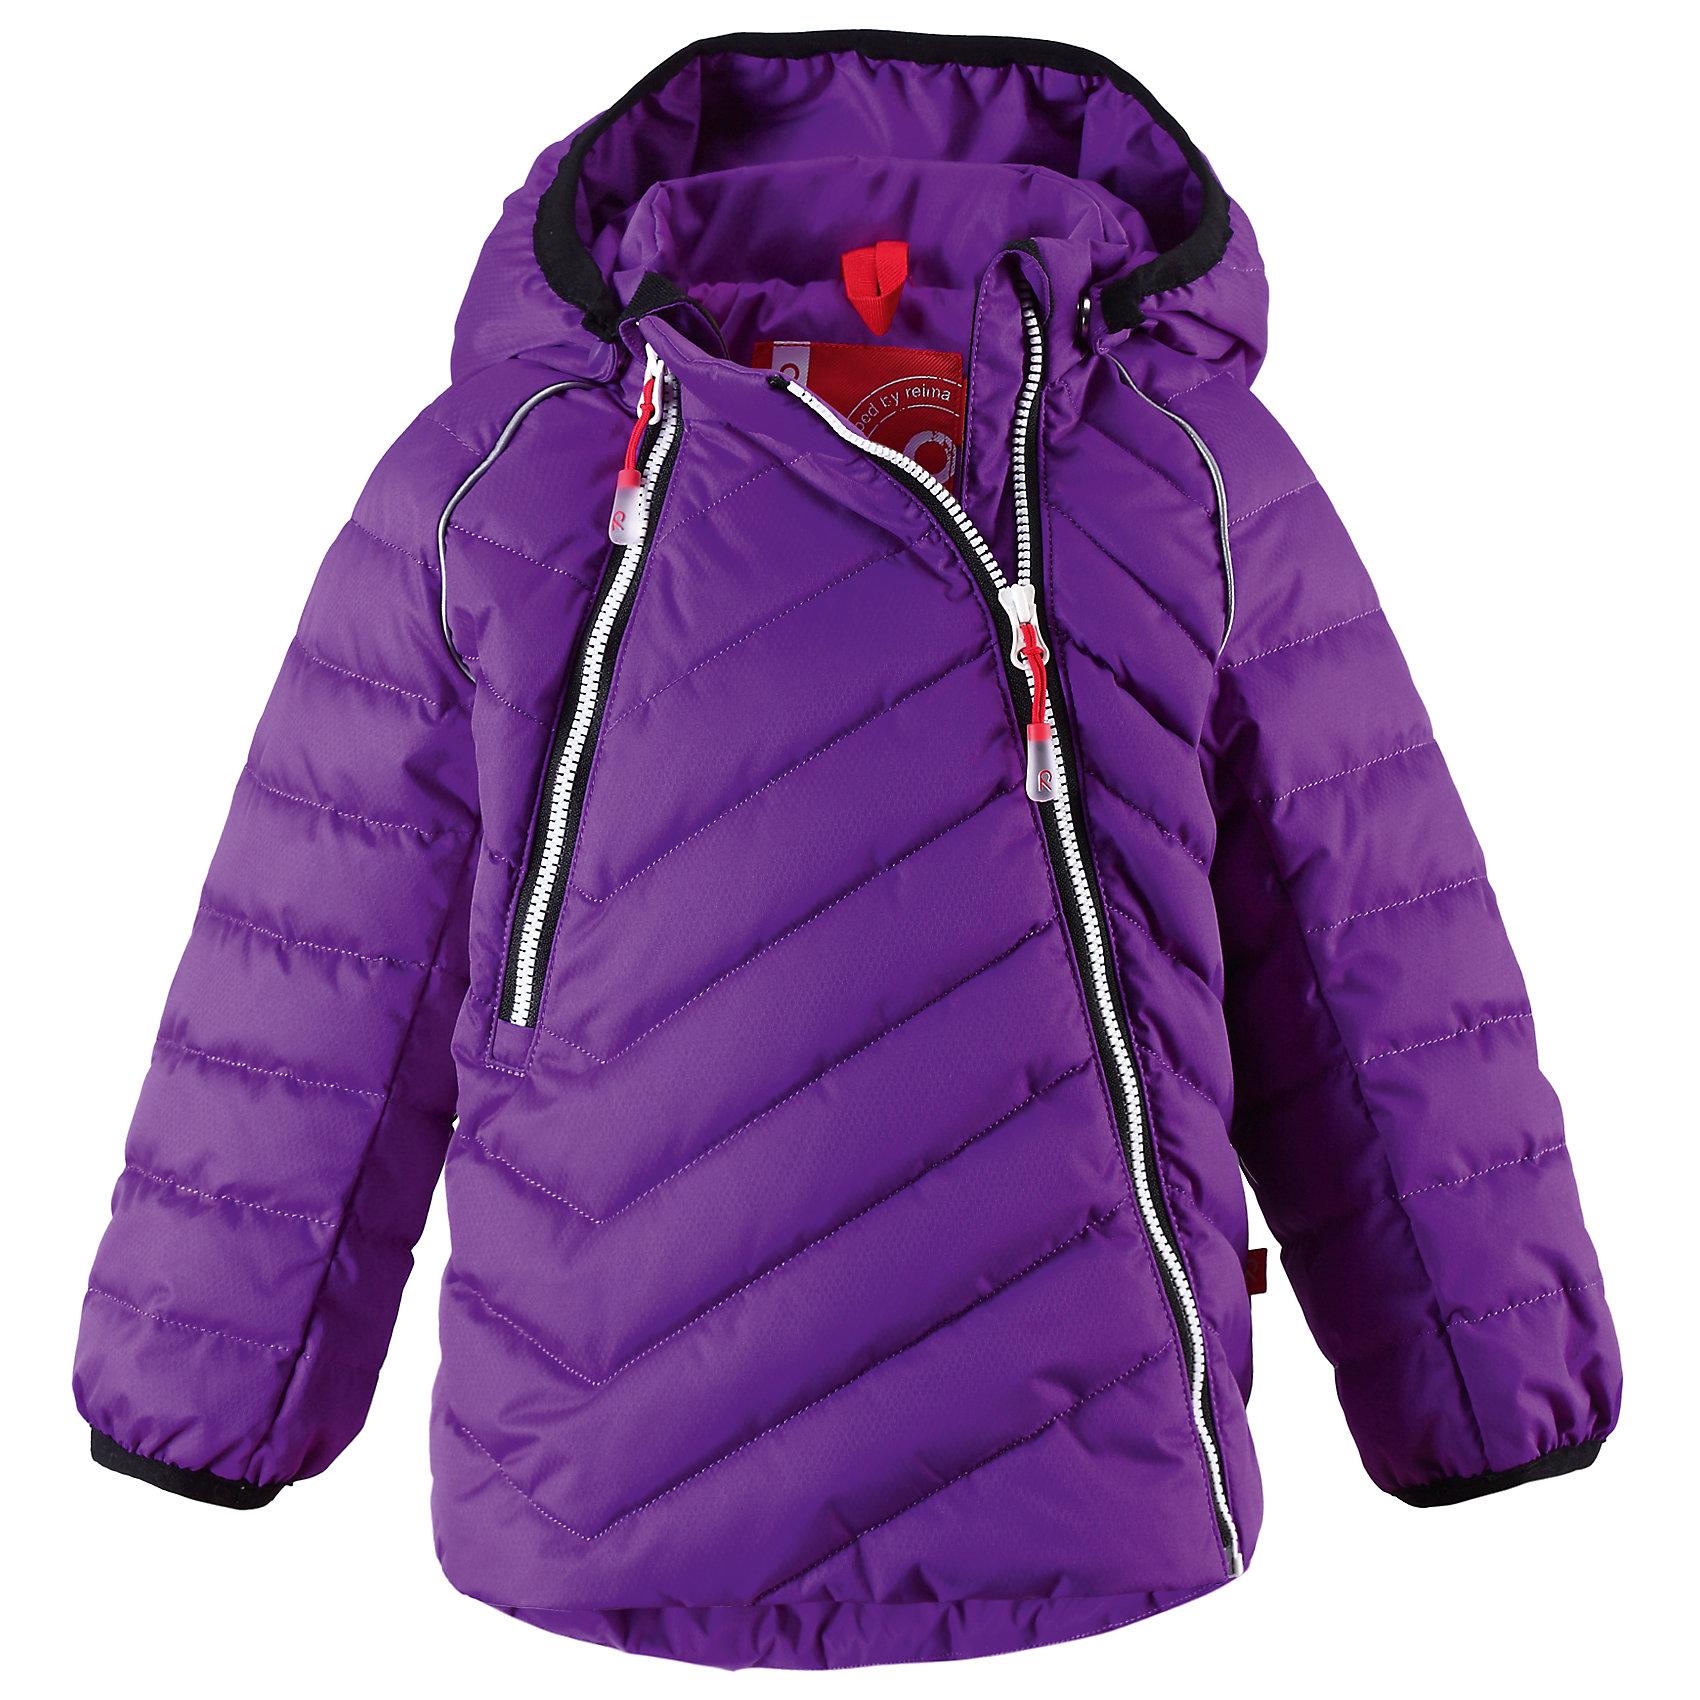 Куртка для девочки ReimaСтеганый пуховик с ярким рисунком для стильной зимы. Водонепроницаемая и ветрозащитная.<br><br>Дополнительная информация:<br><br>Высокая степень утепления: до -30<br>Детский пуховик<br>Ассиметричная застежка-молния спереди<br>Эластичные манжеты<br>Шнурок для регулирования размера на подоле<br>Отражающий кант<br>Съемный капюшон<br>Состав: 100% Полиэстер<br><br>Куртку  Reima (Рейма) можно купить в нашем магазине.<br><br>Ширина мм: 356<br>Глубина мм: 10<br>Высота мм: 245<br>Вес г: 519<br>Цвет: фиолетовый<br>Возраст от месяцев: 6<br>Возраст до месяцев: 9<br>Пол: Женский<br>Возраст: Детский<br>Размер: 74,80,86,92,98<br>SKU: 4268521